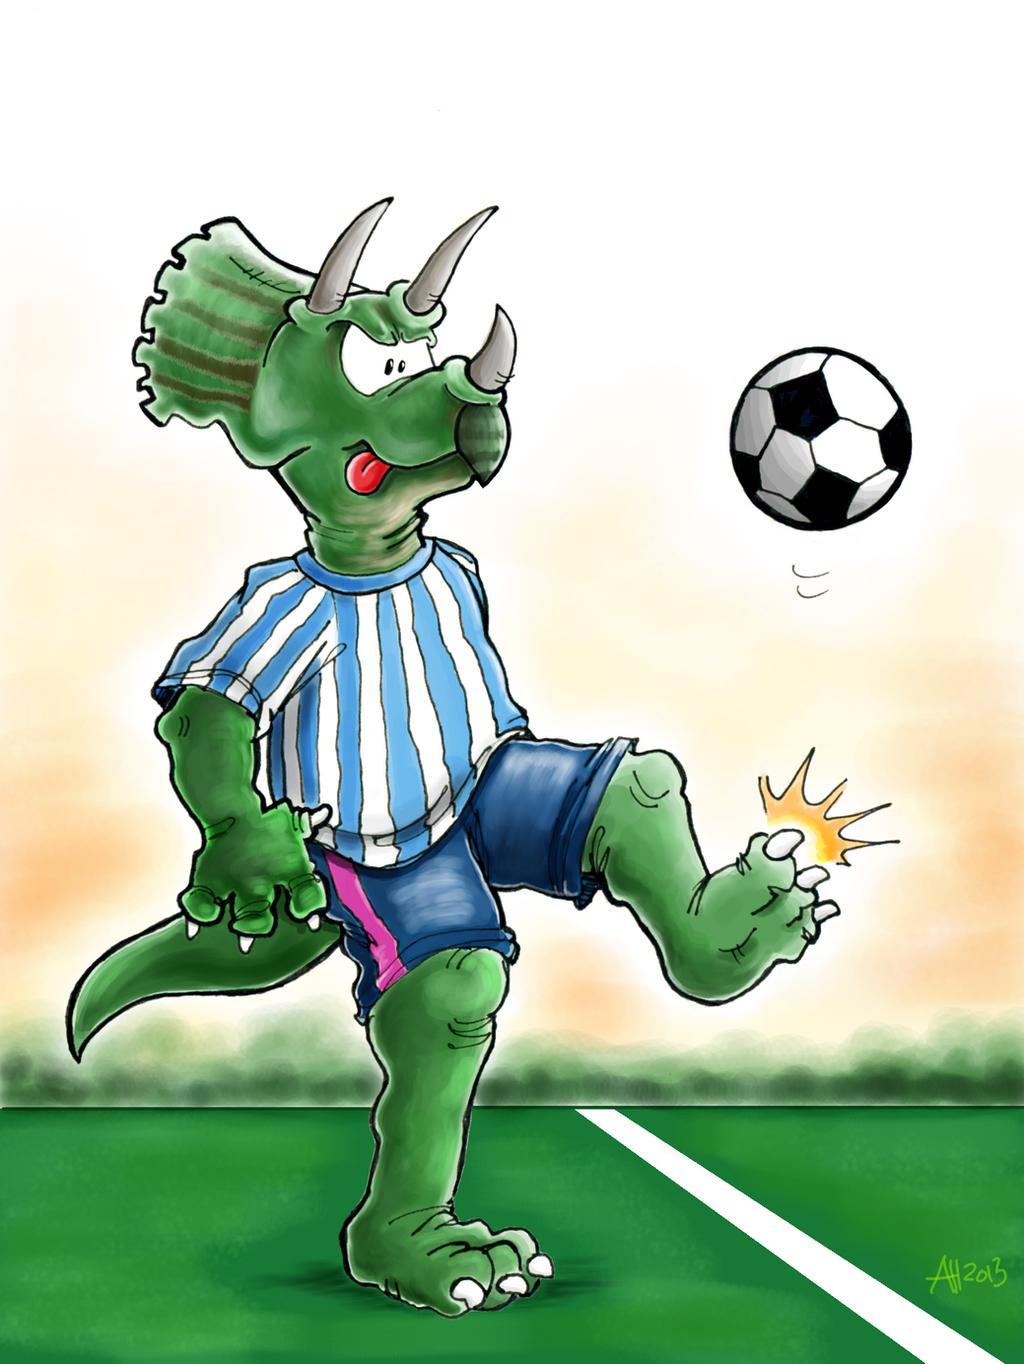 Soccersaurus by hankinstein